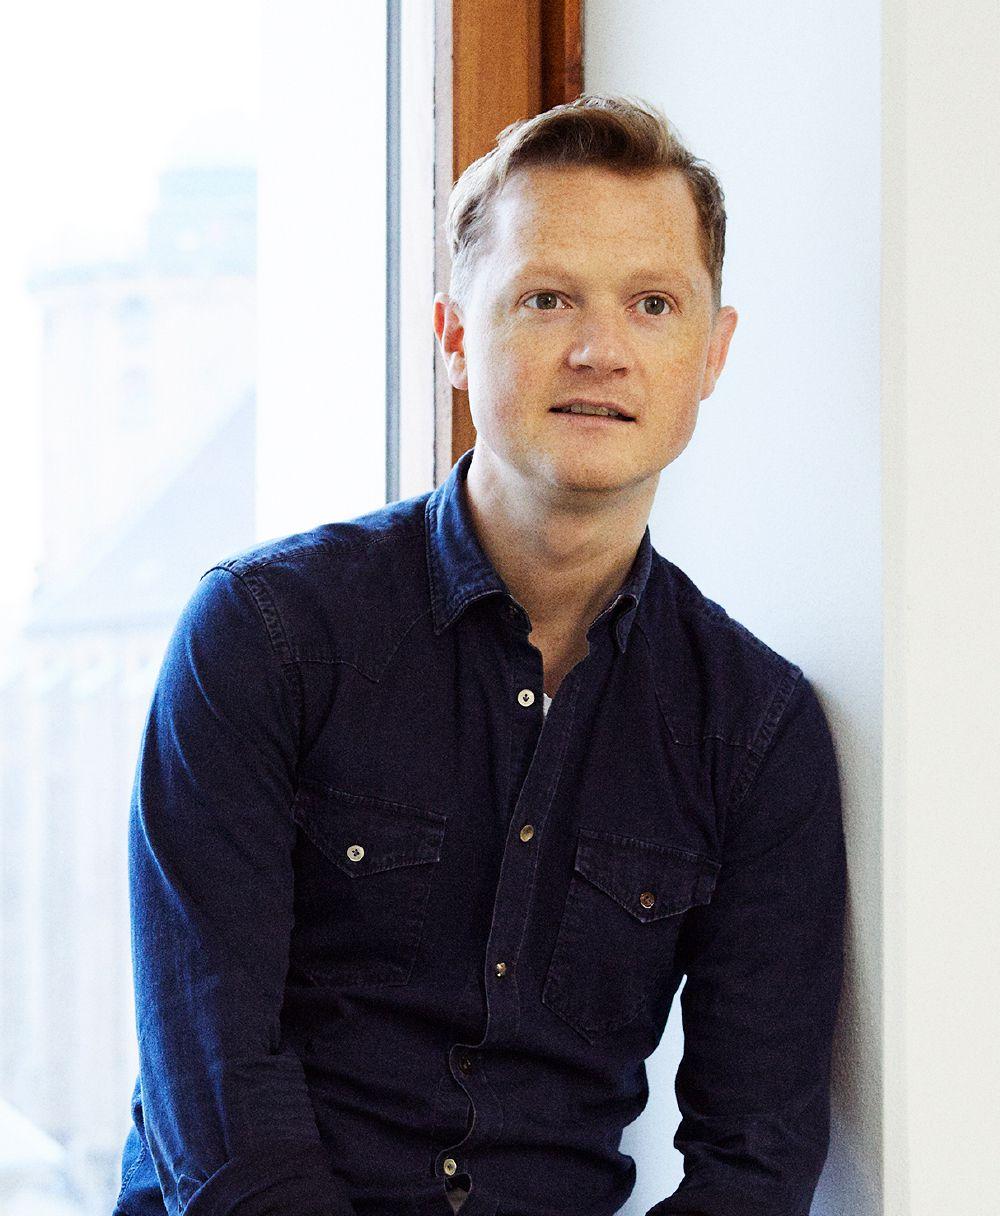 Peter Holten Mühlmann, PDG et fondateur de Trustpilot